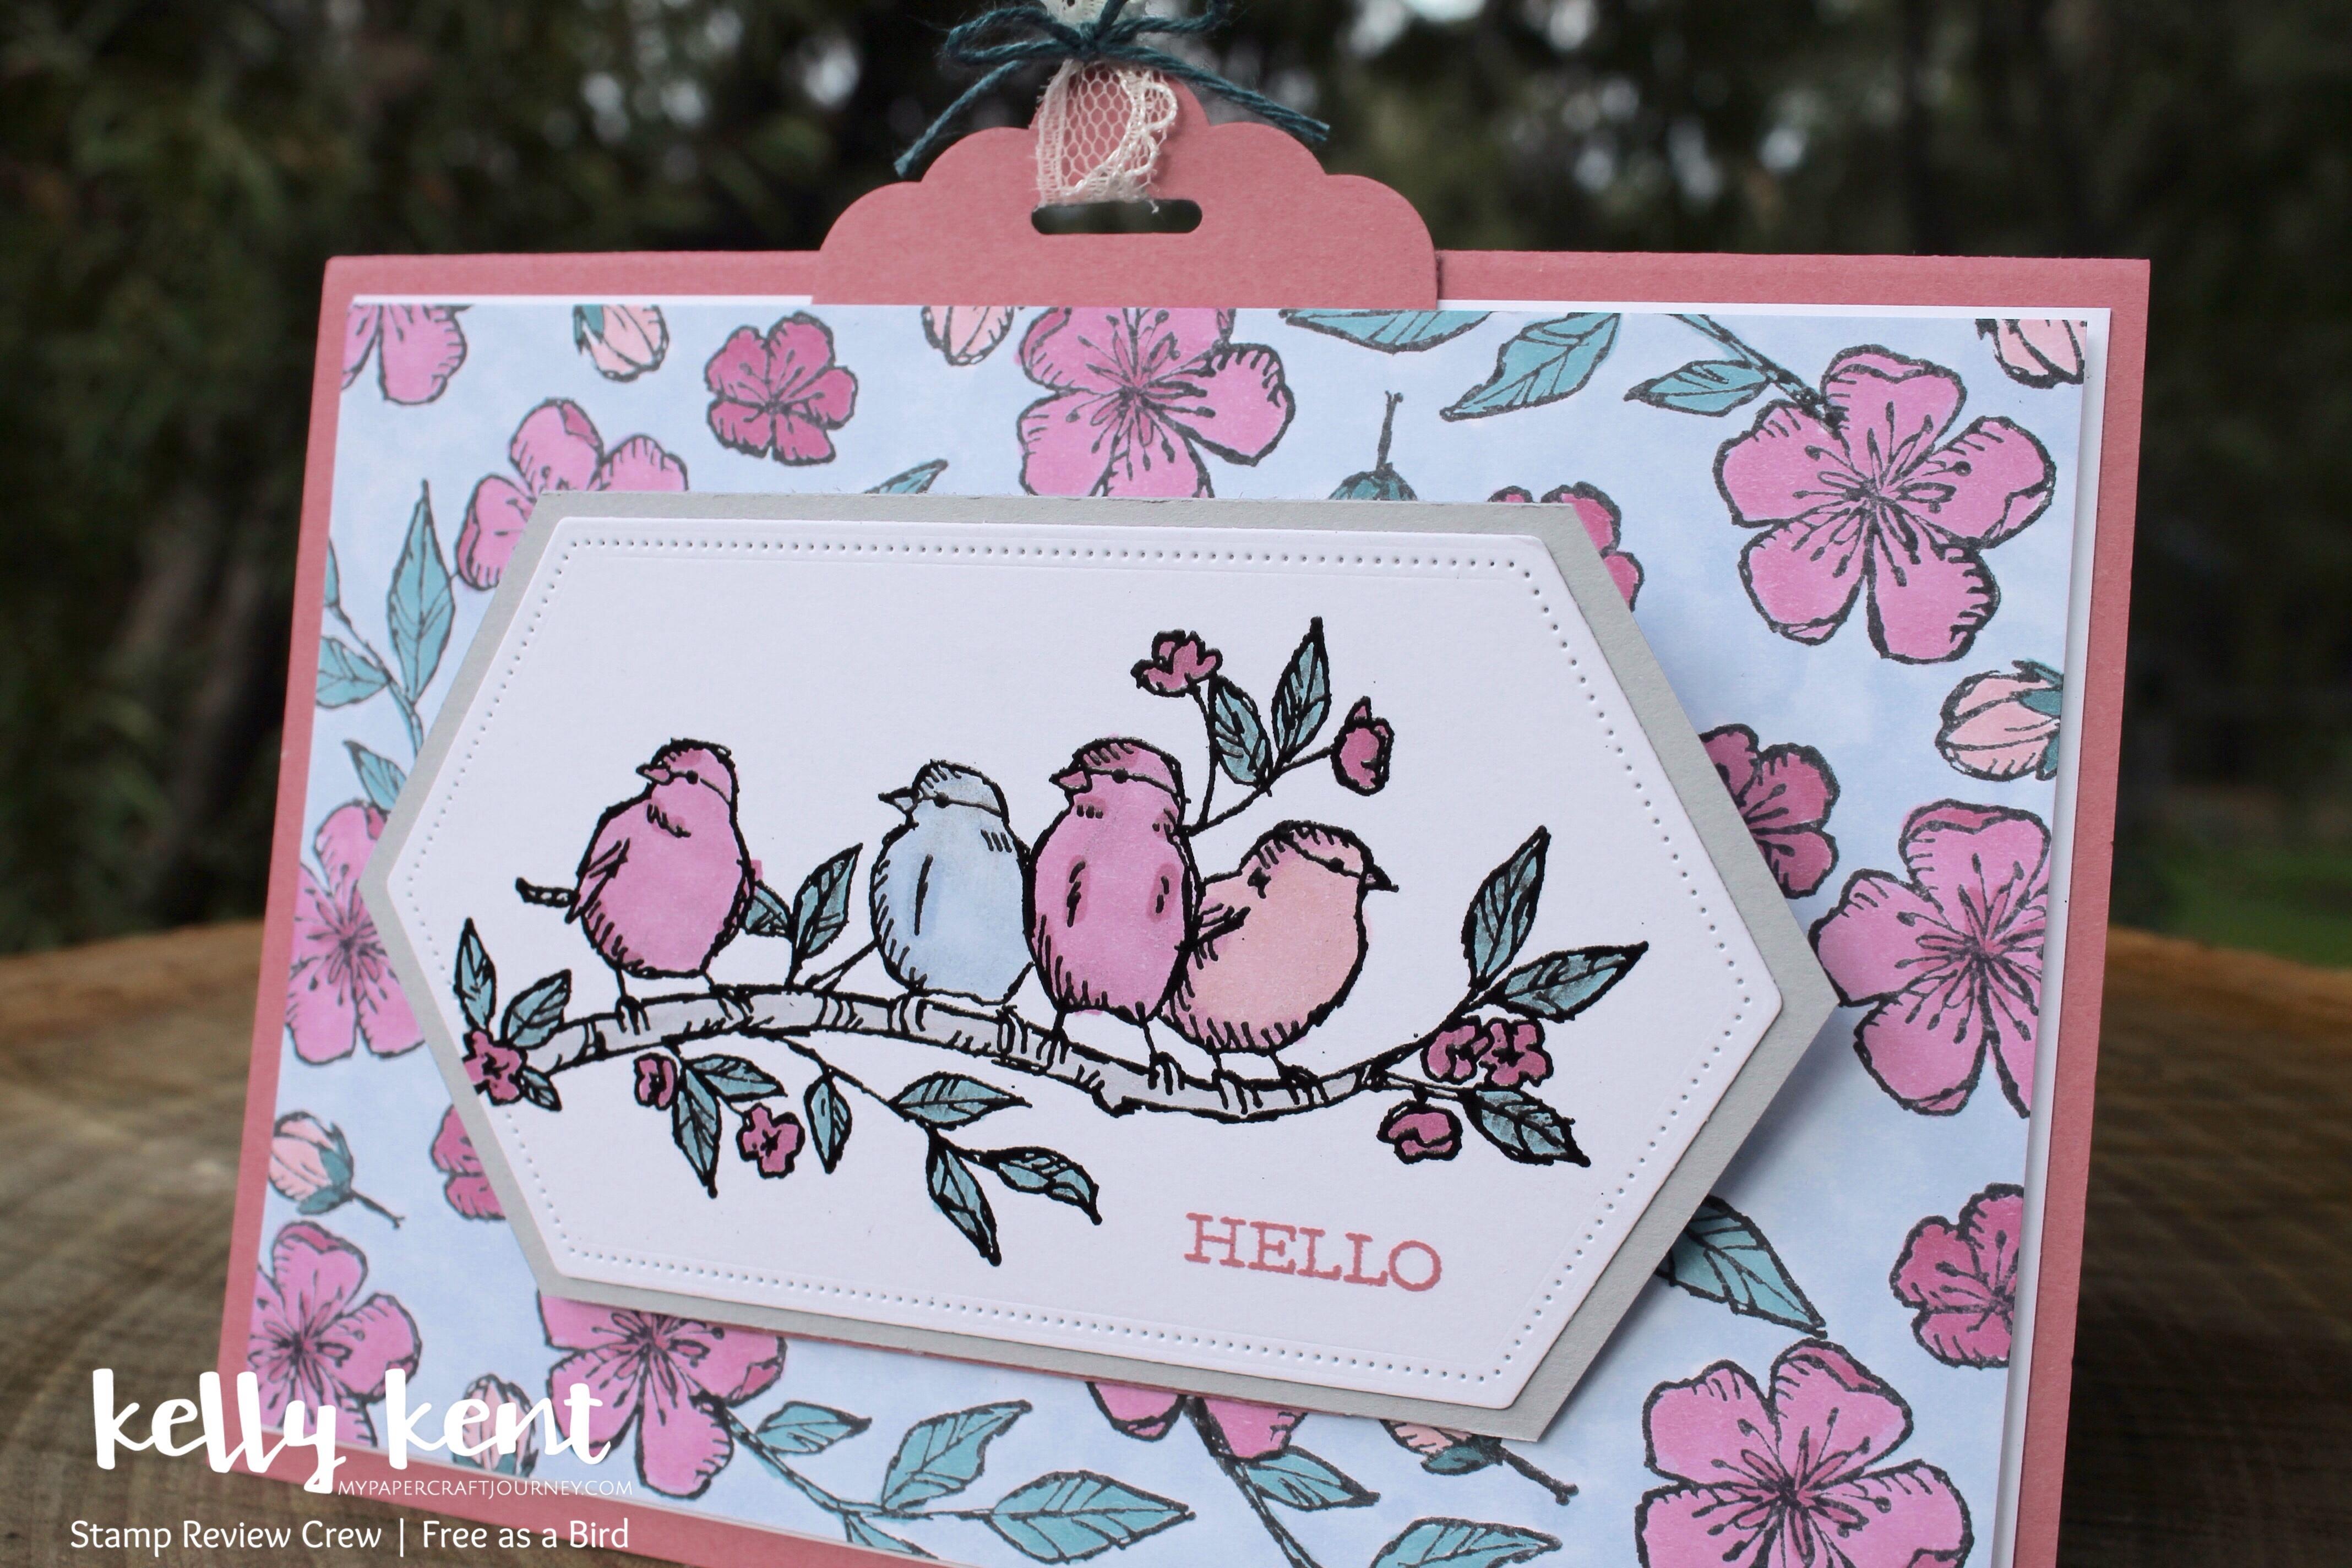 Free as a Bird | kelly kent